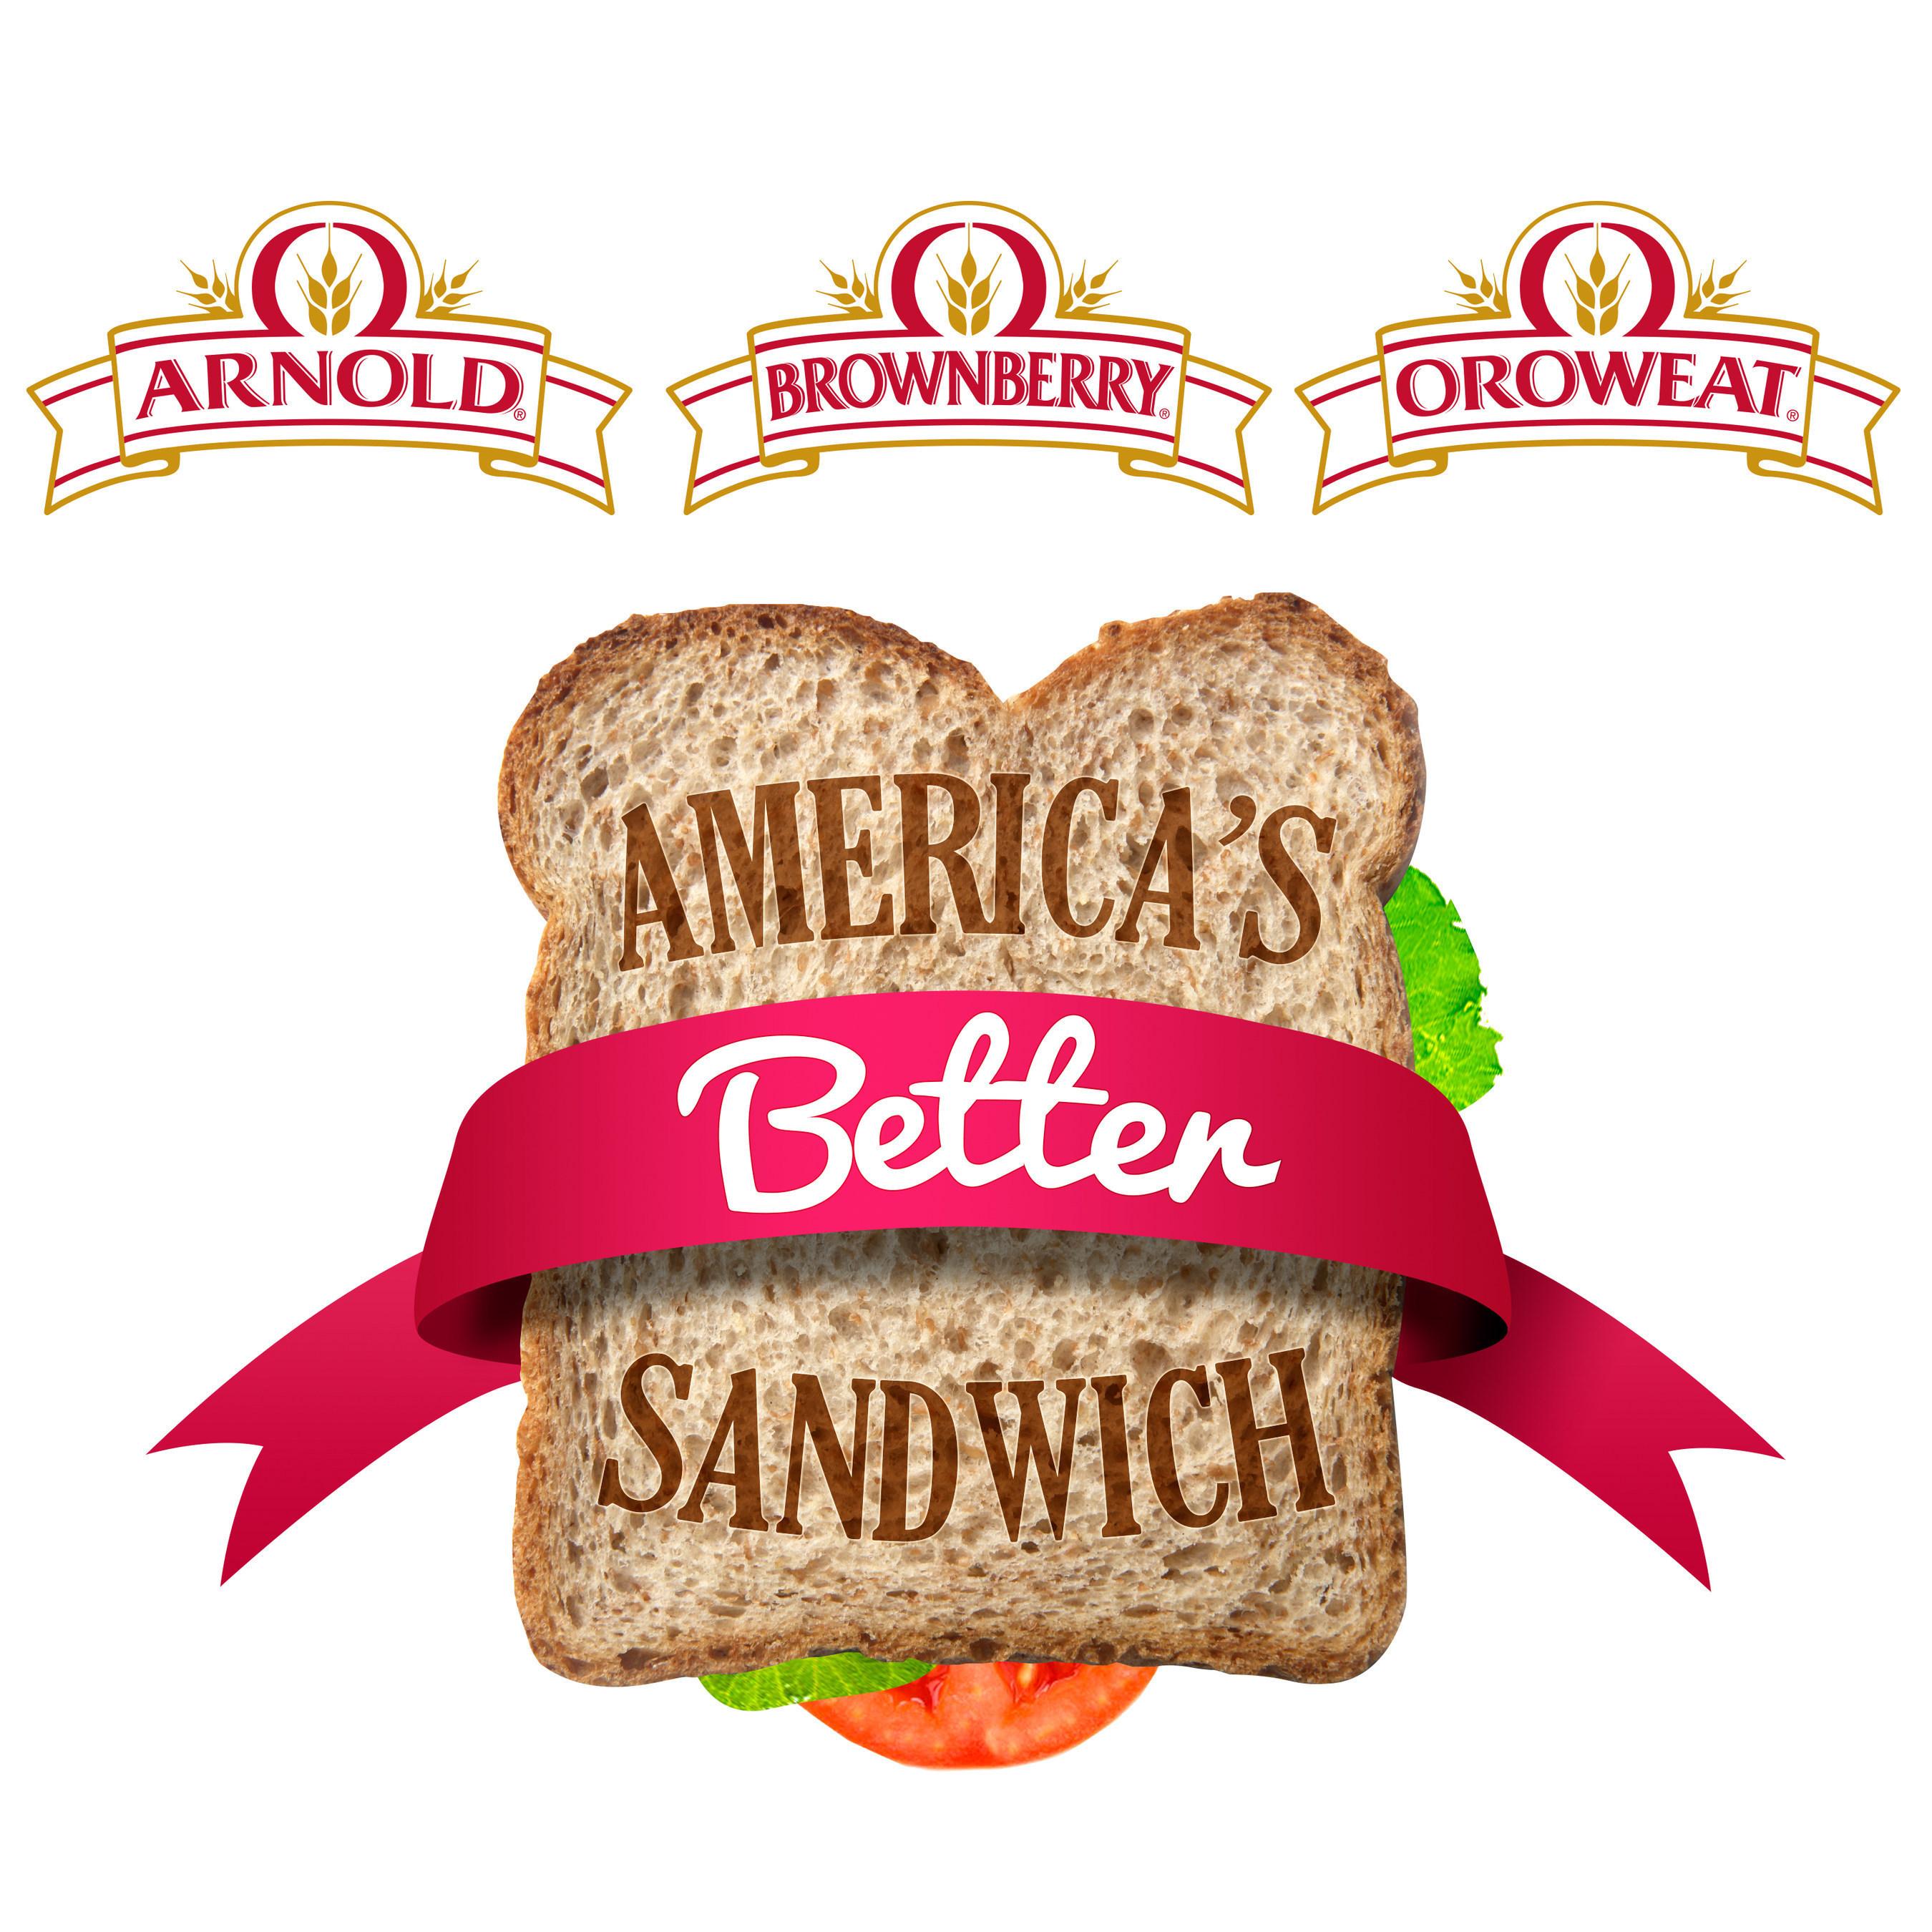 Oroweat bread routes for sale az